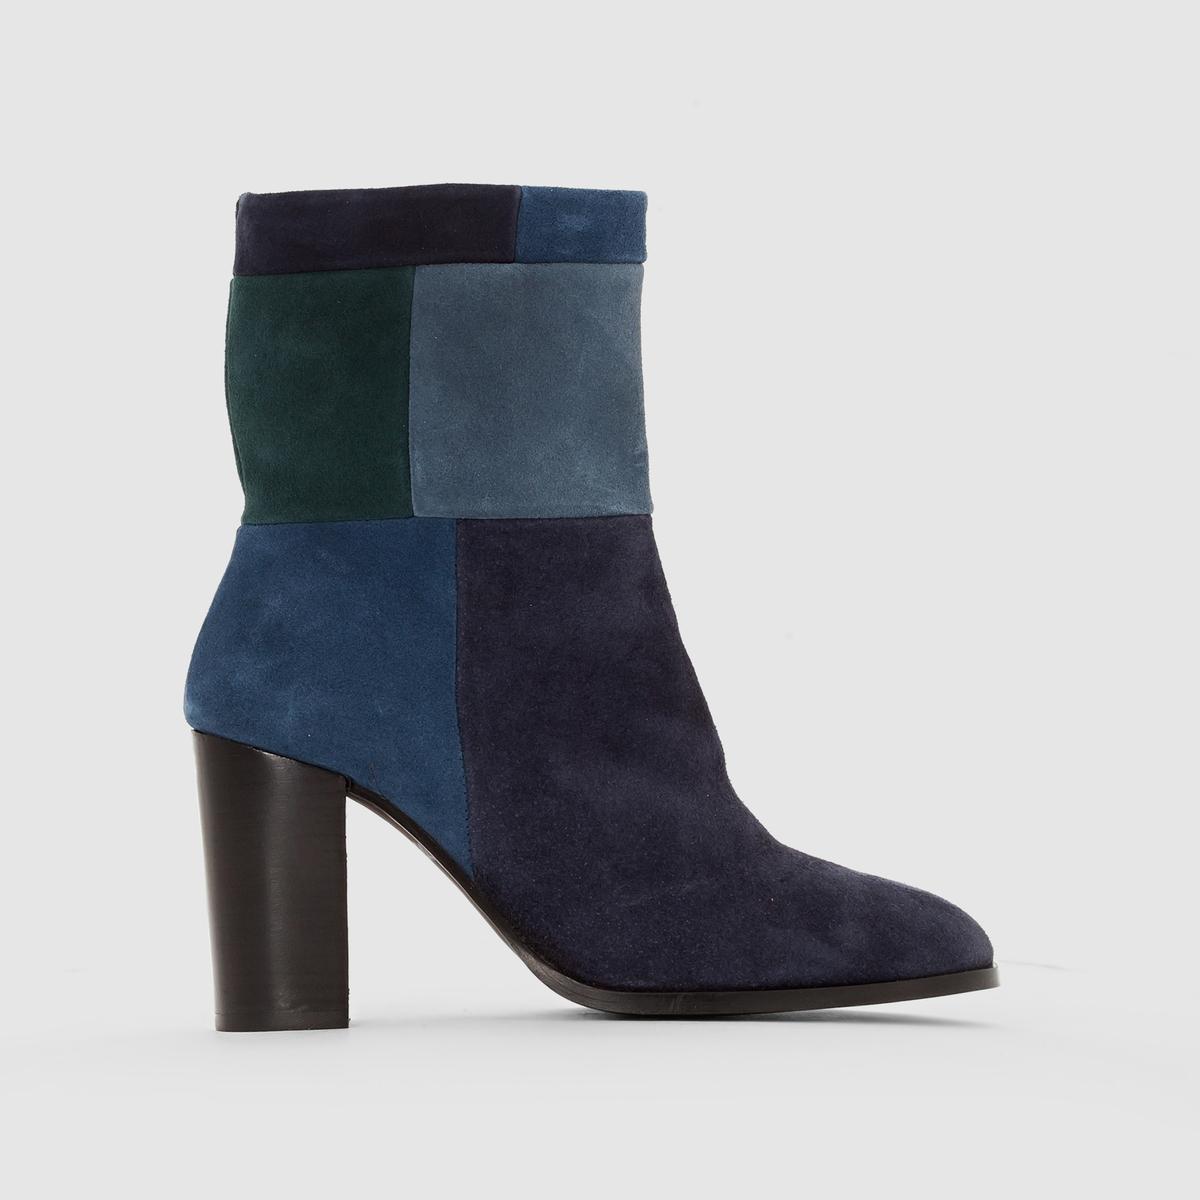 Ботильоны кожаные на каблукеПреимущества : сочетание модных оттенков!<br><br>Цвет: наб. рисунок синий<br>Размер: 39